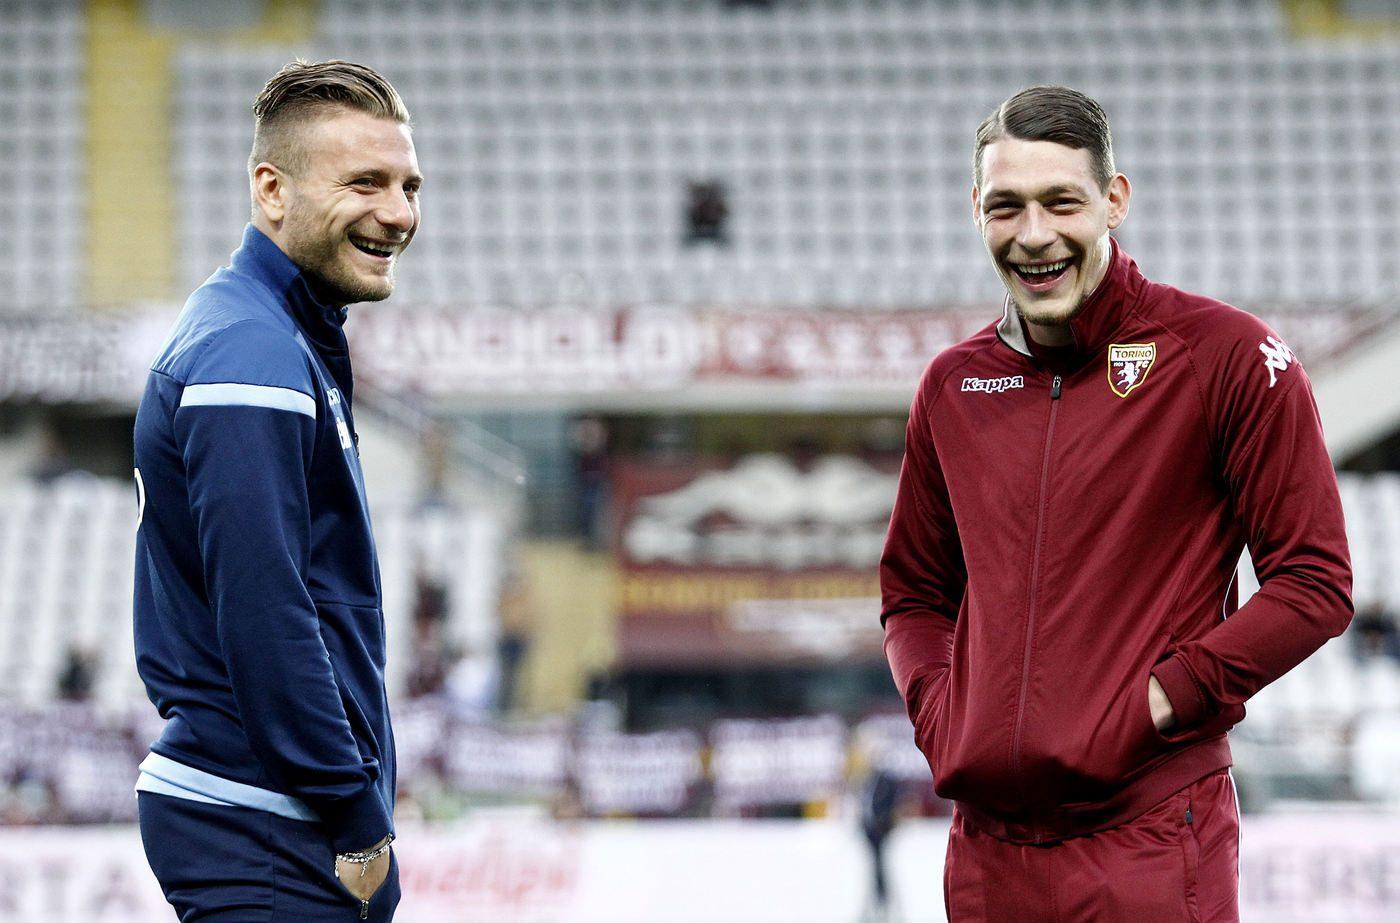 Immobile e Belotti, i due bomber di Lazio e Torino che puntano all'azzurro dell'Italia di Mancini